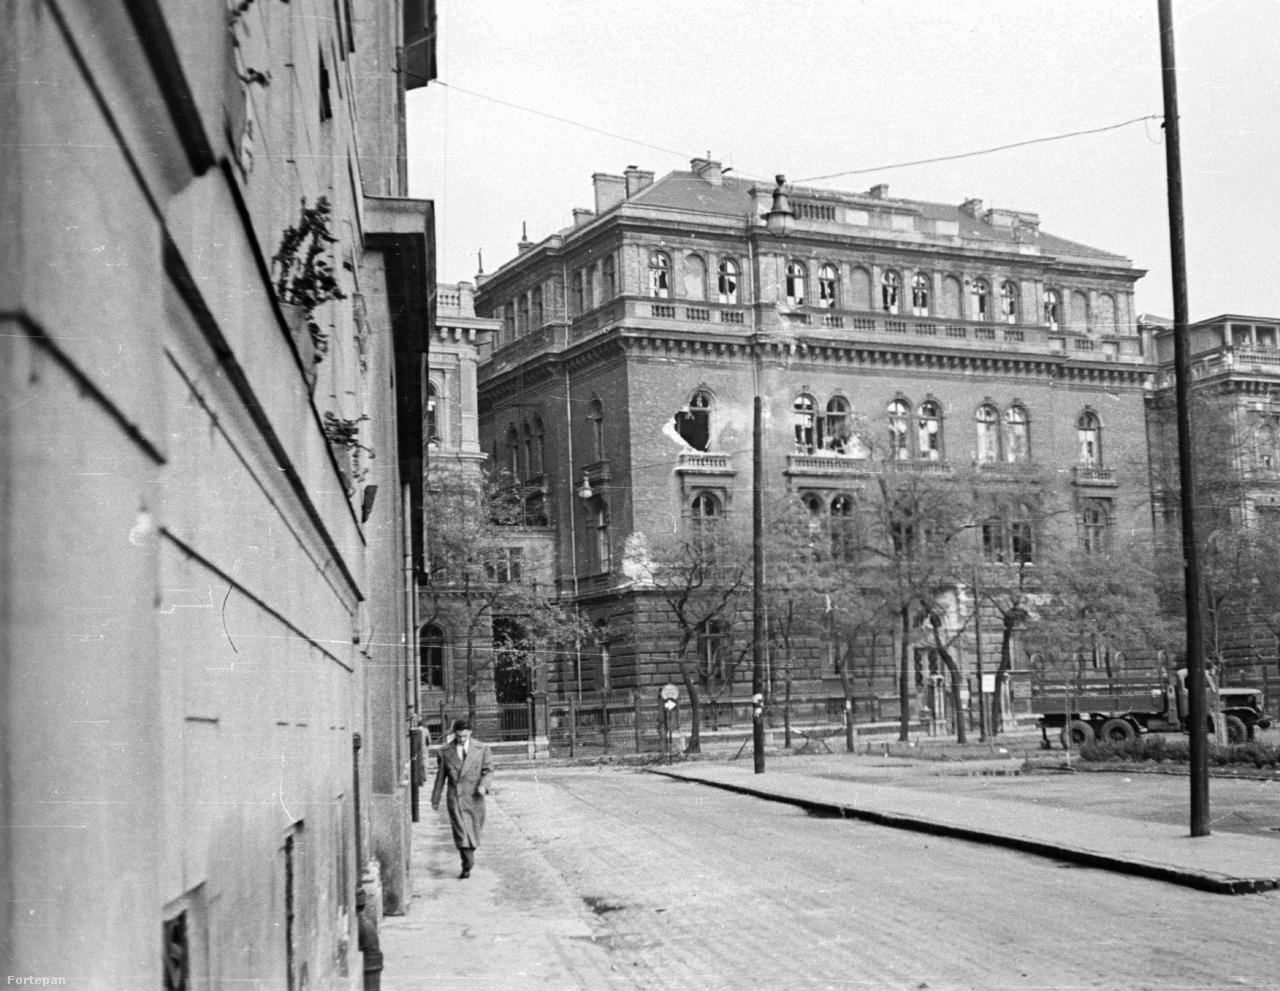 A szokatlan alakú Markosovszky tér a Ferencvárosi Dohánygyár épületeinek bontását követően, illetve a második világháborúban romba dőlt épületek helyén alakult ki. Nevét az Országos Közegészségügyi Egyesület alapítójáról, Markusovszky Lajos orvosprofesszorról kapta. A Pál utcai fiúk erre jártak iskolába és a grundra, így nem meglepő, hogy a szombati maratoni felolvasást Molnár Ferenc regényéből  tartják. Sétával idézik fel a Kultiplex és a Blue Box mozi legérdekesebb sztorijait, a Fortepan és a lakók gyűjtéséből származó fotókat vetítenek.